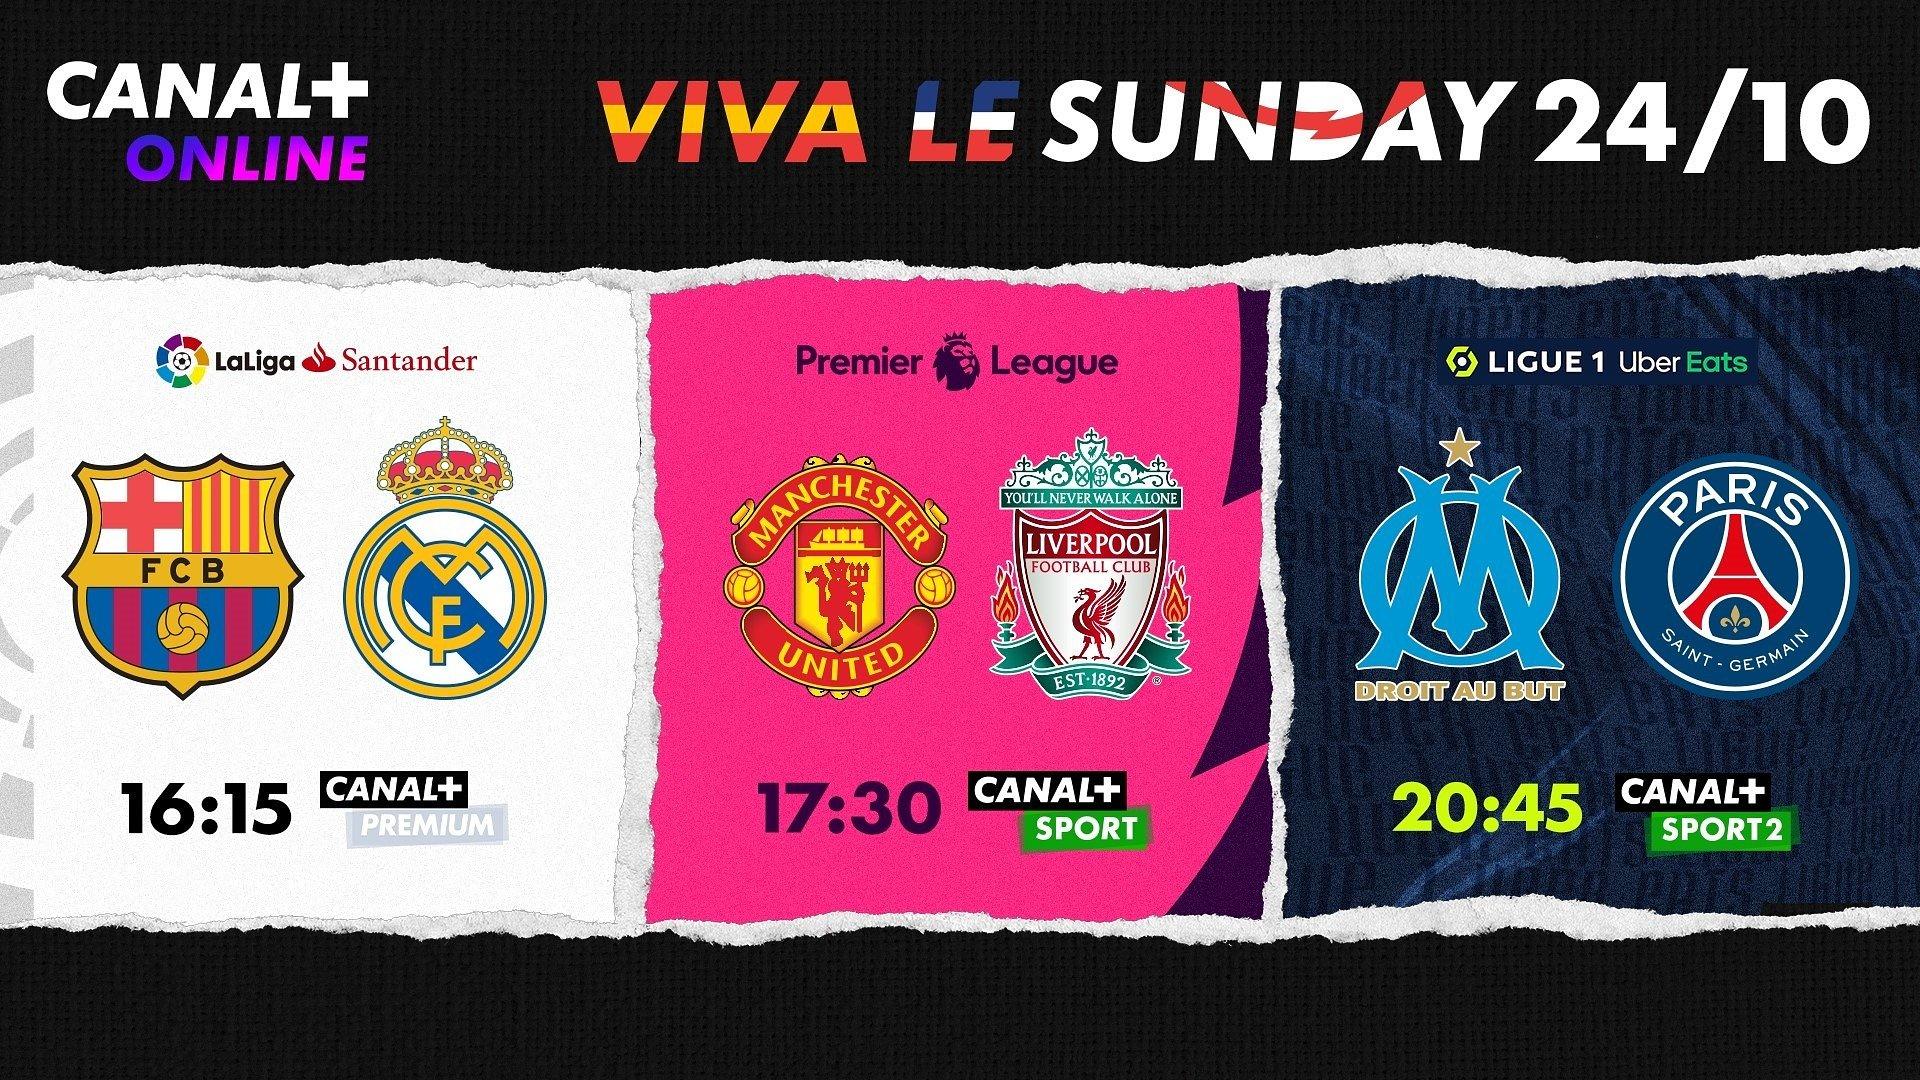 VIVA LE SUNDAY – niedziela naładowana piłkarskimi emocjami w CANAL+